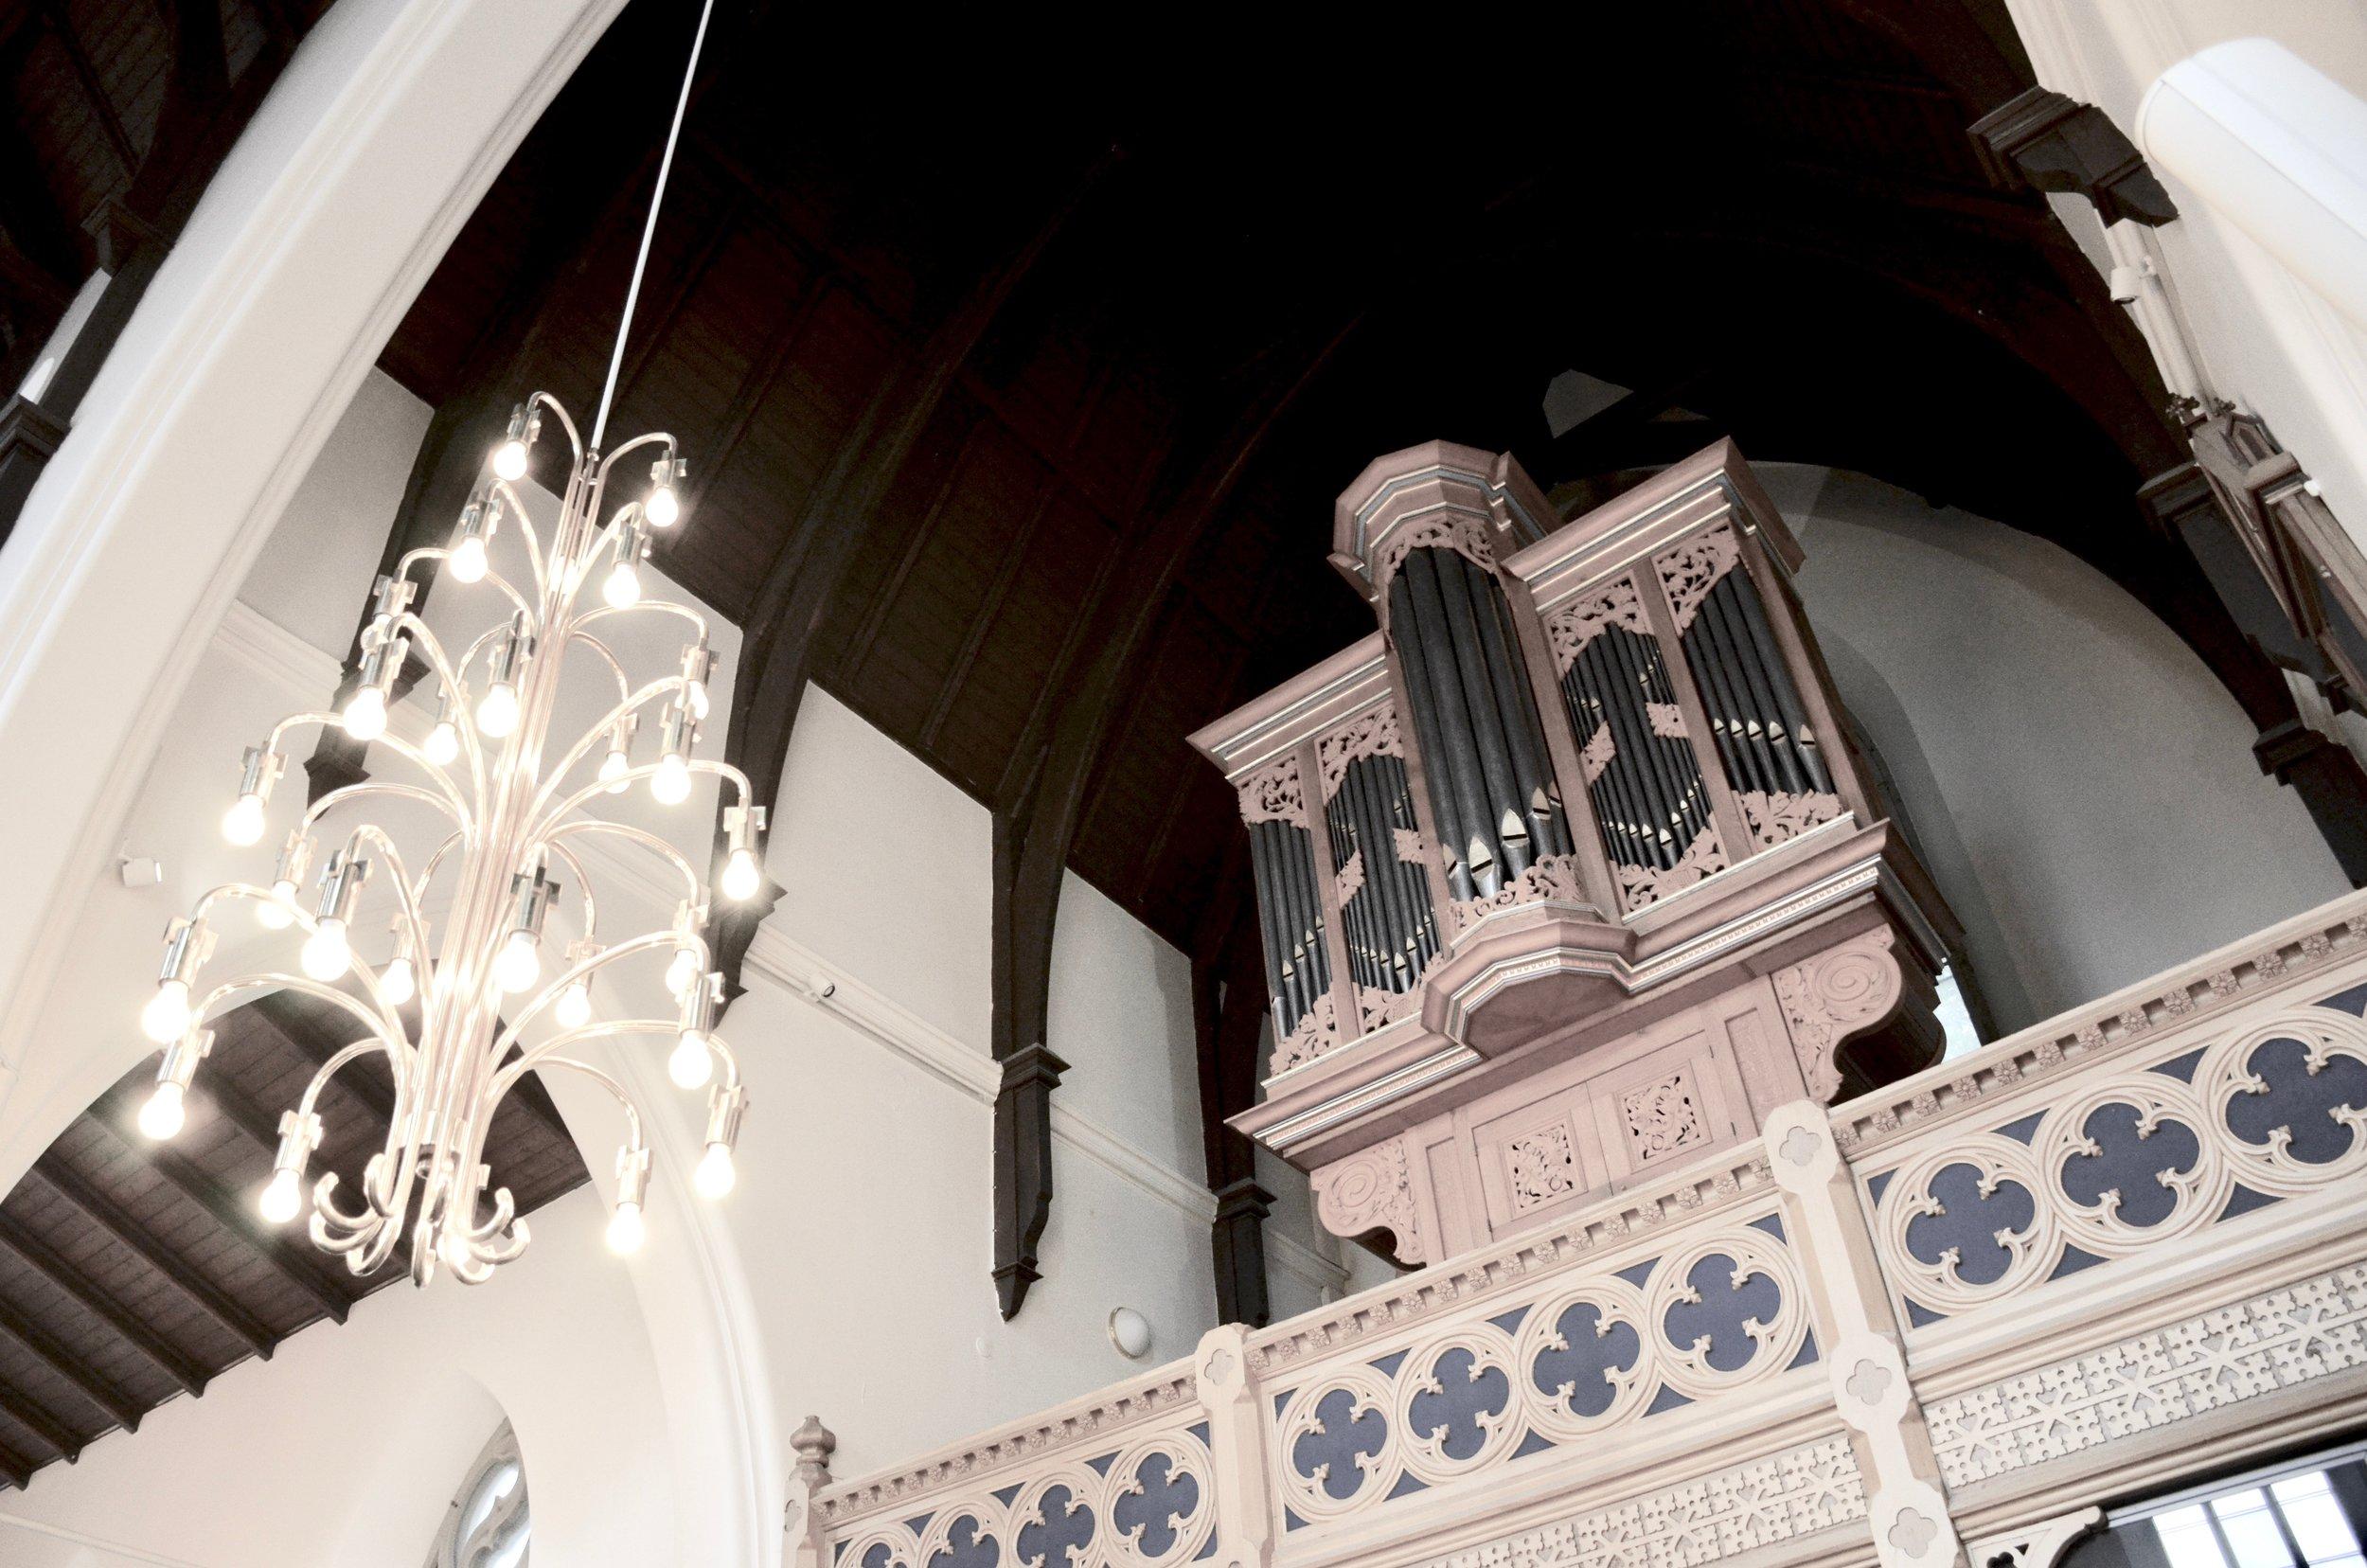 The 1992 Brombaugh organ in Haga Church, Göteborg, Sweden.